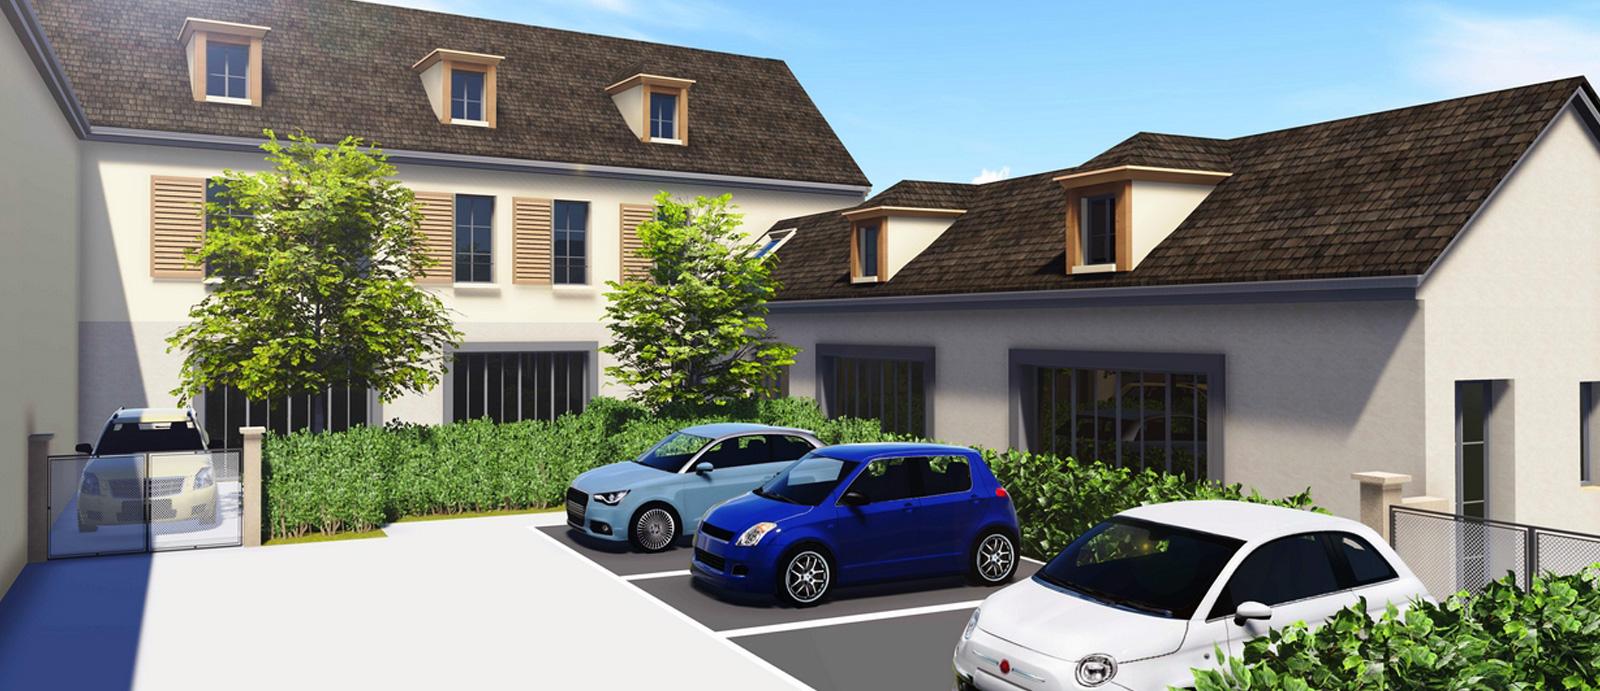 Acheter un logement neuf pourquoi faire appel un for Acheter logement neuf